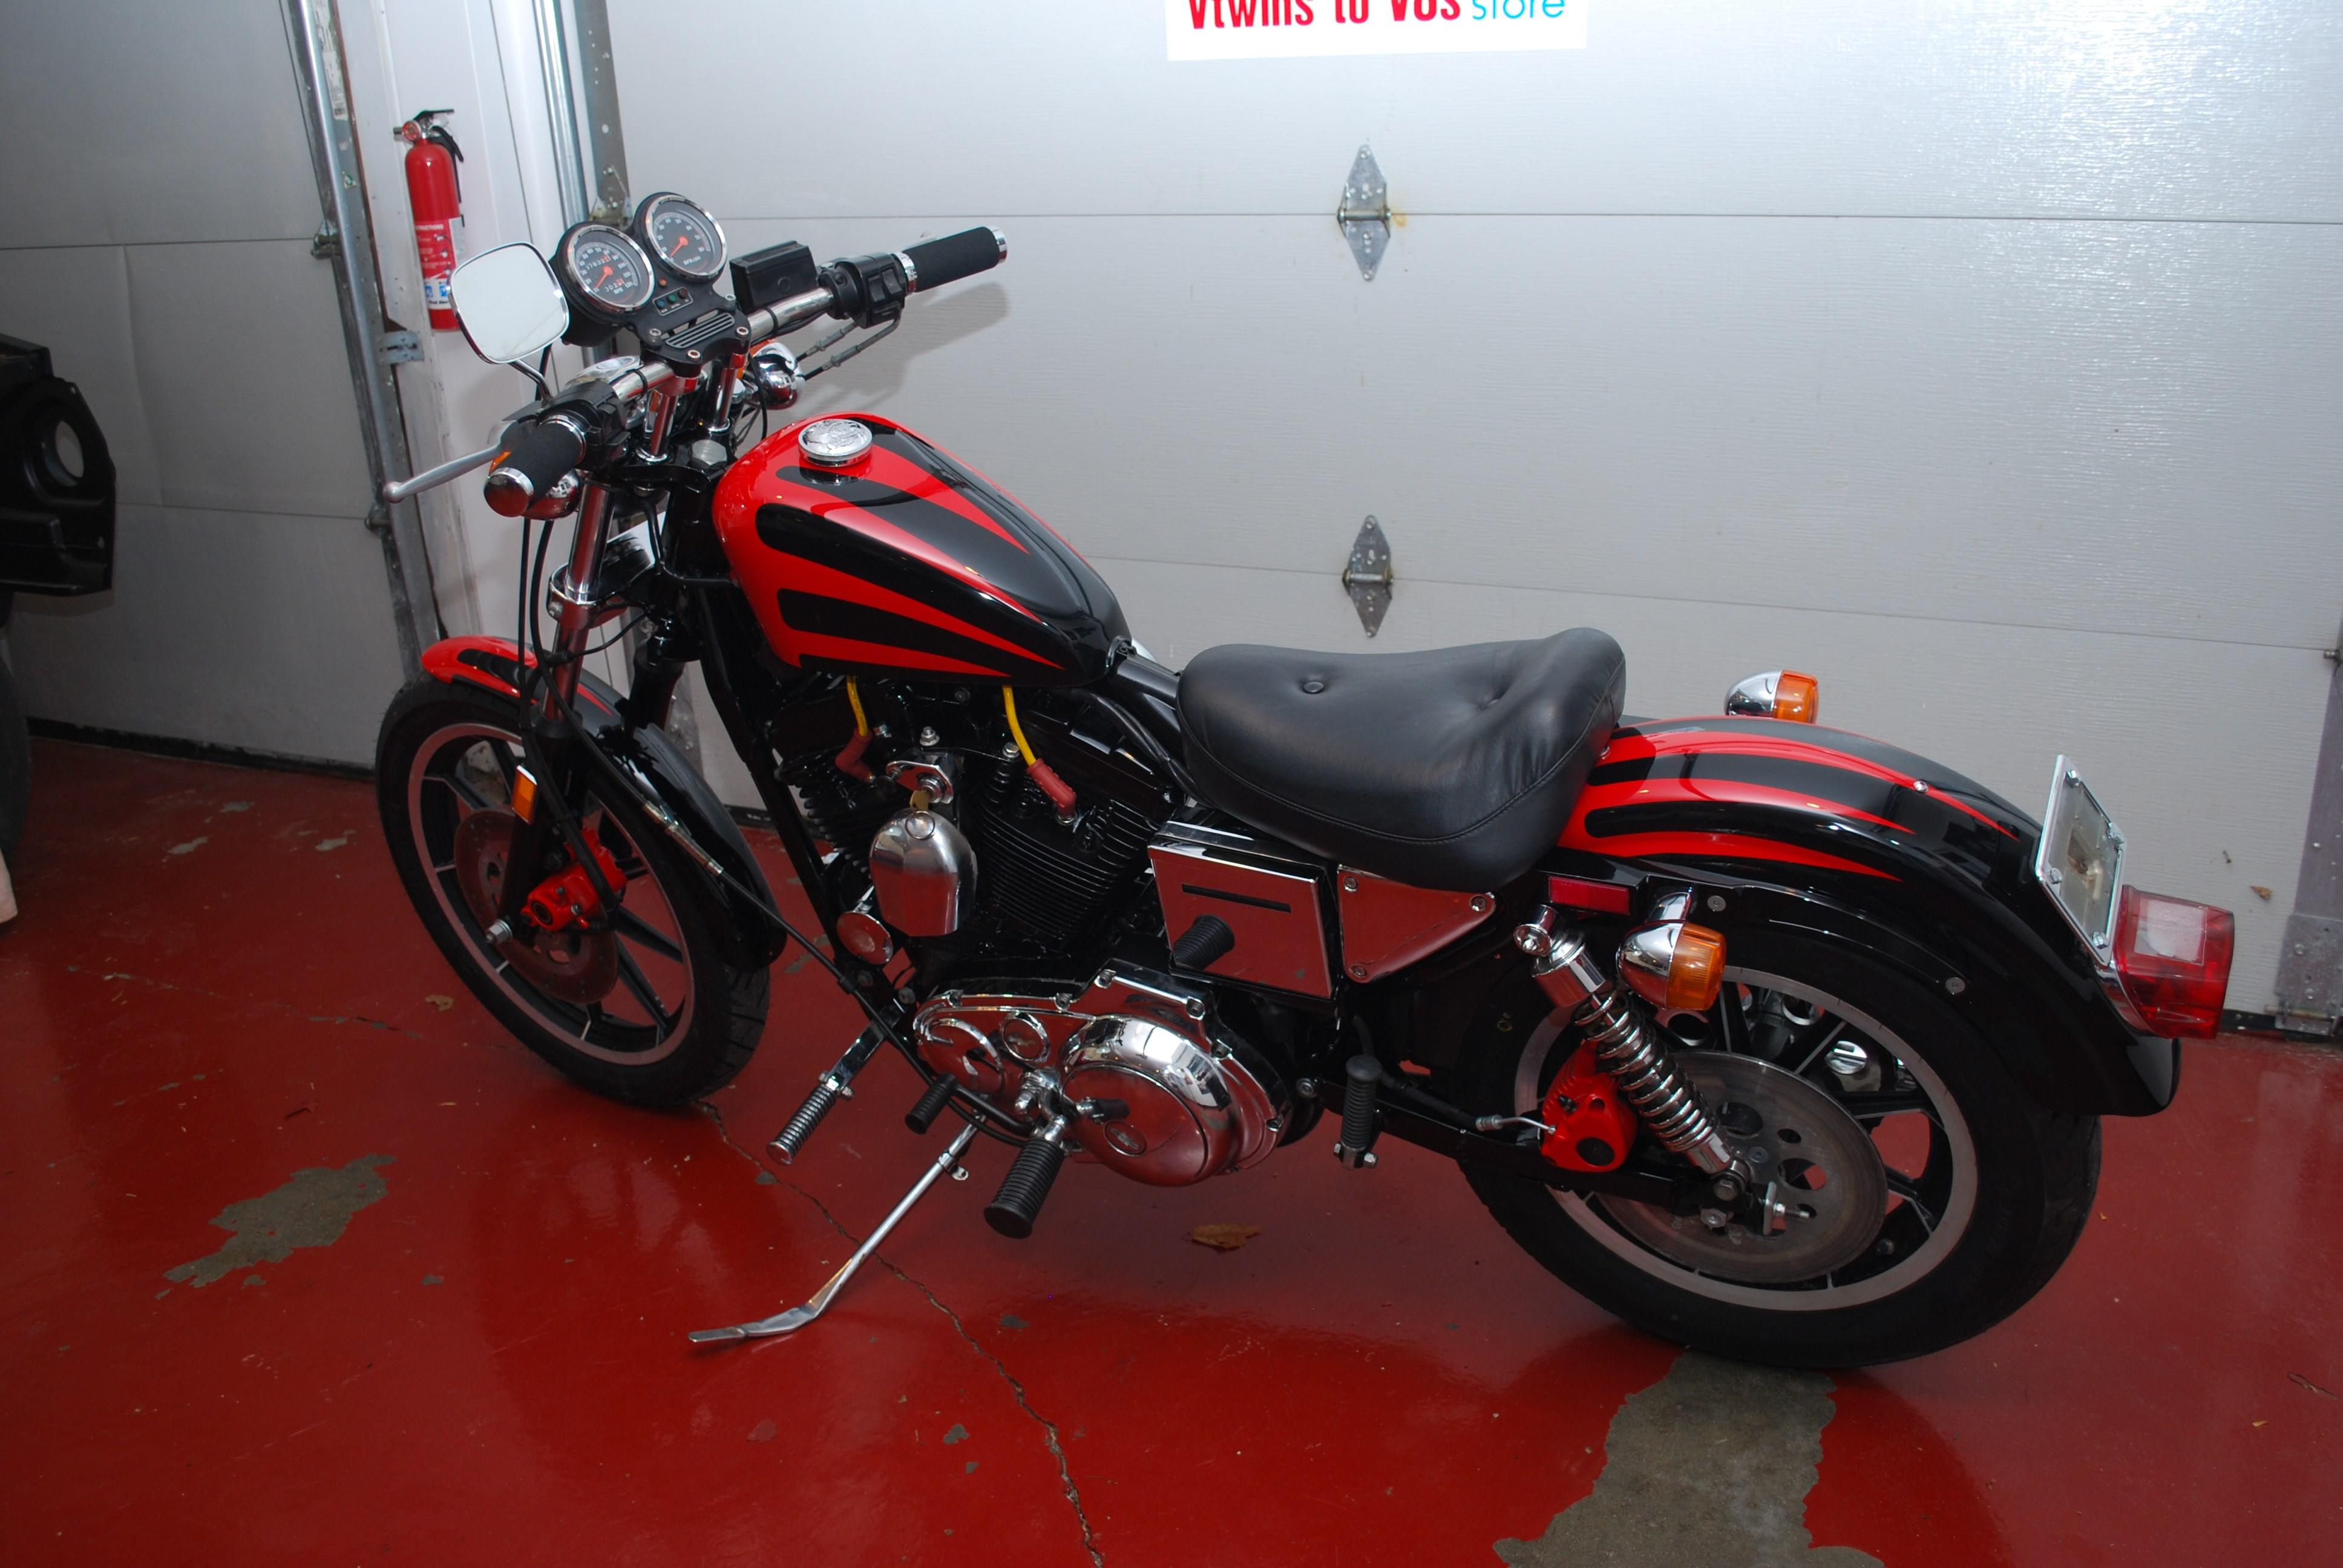 1986 Harley Davidson 174 Xlh 1100 Sportster 174 1100 Red Black